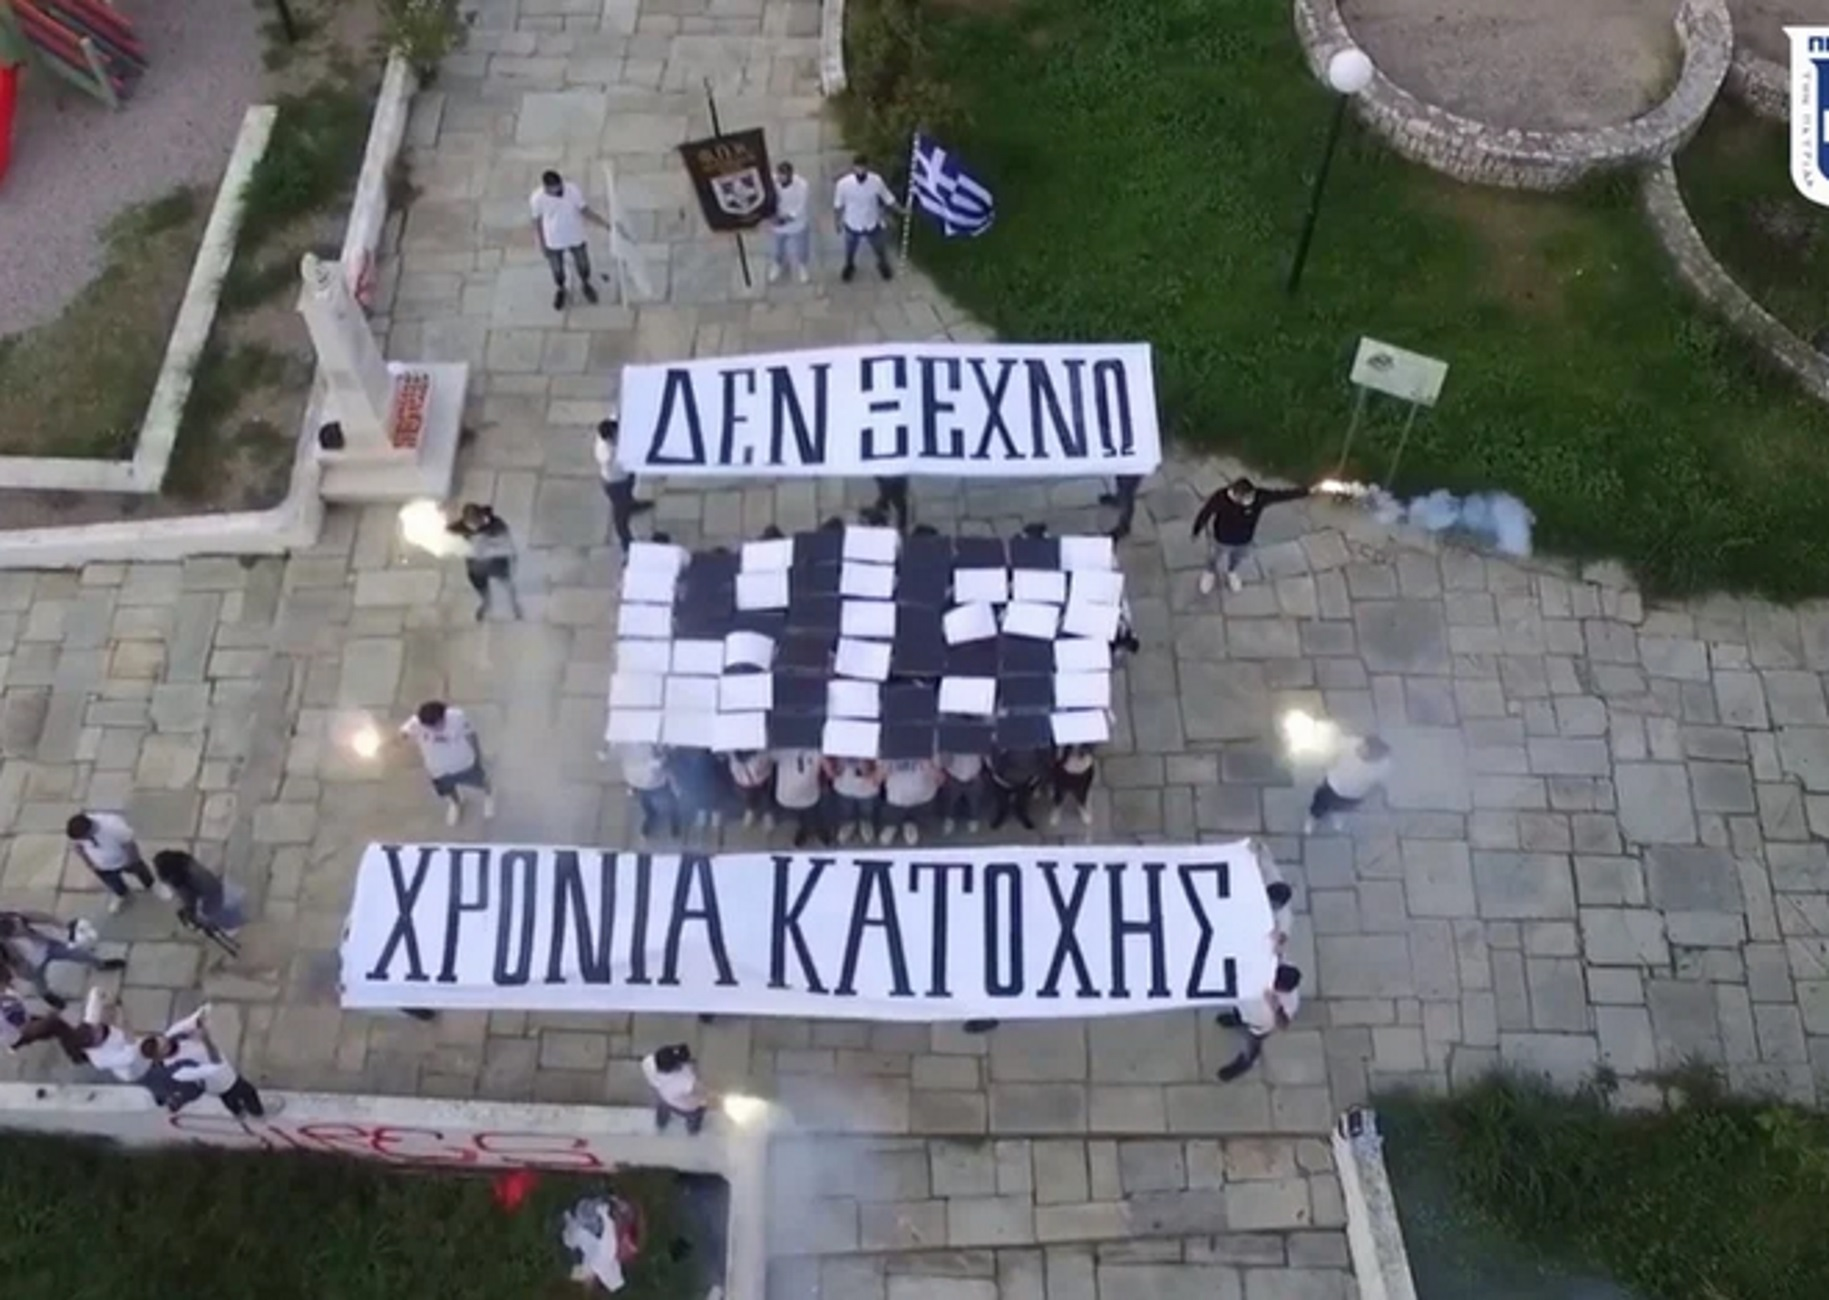 Πάτρα: Έκοψαν πρόστιμο 3.000 ευρώ σε Κύπριους φοιτητές για αυτές τις εικόνες! Φορούσαν μάσκες αλλά… (Βίντεο)